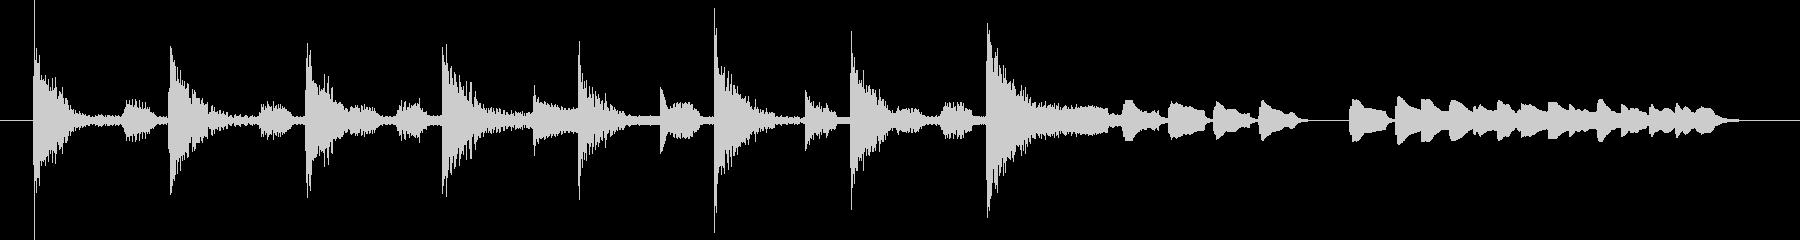 ブンチャブンチャ~テレレテッテレー 5の未再生の波形